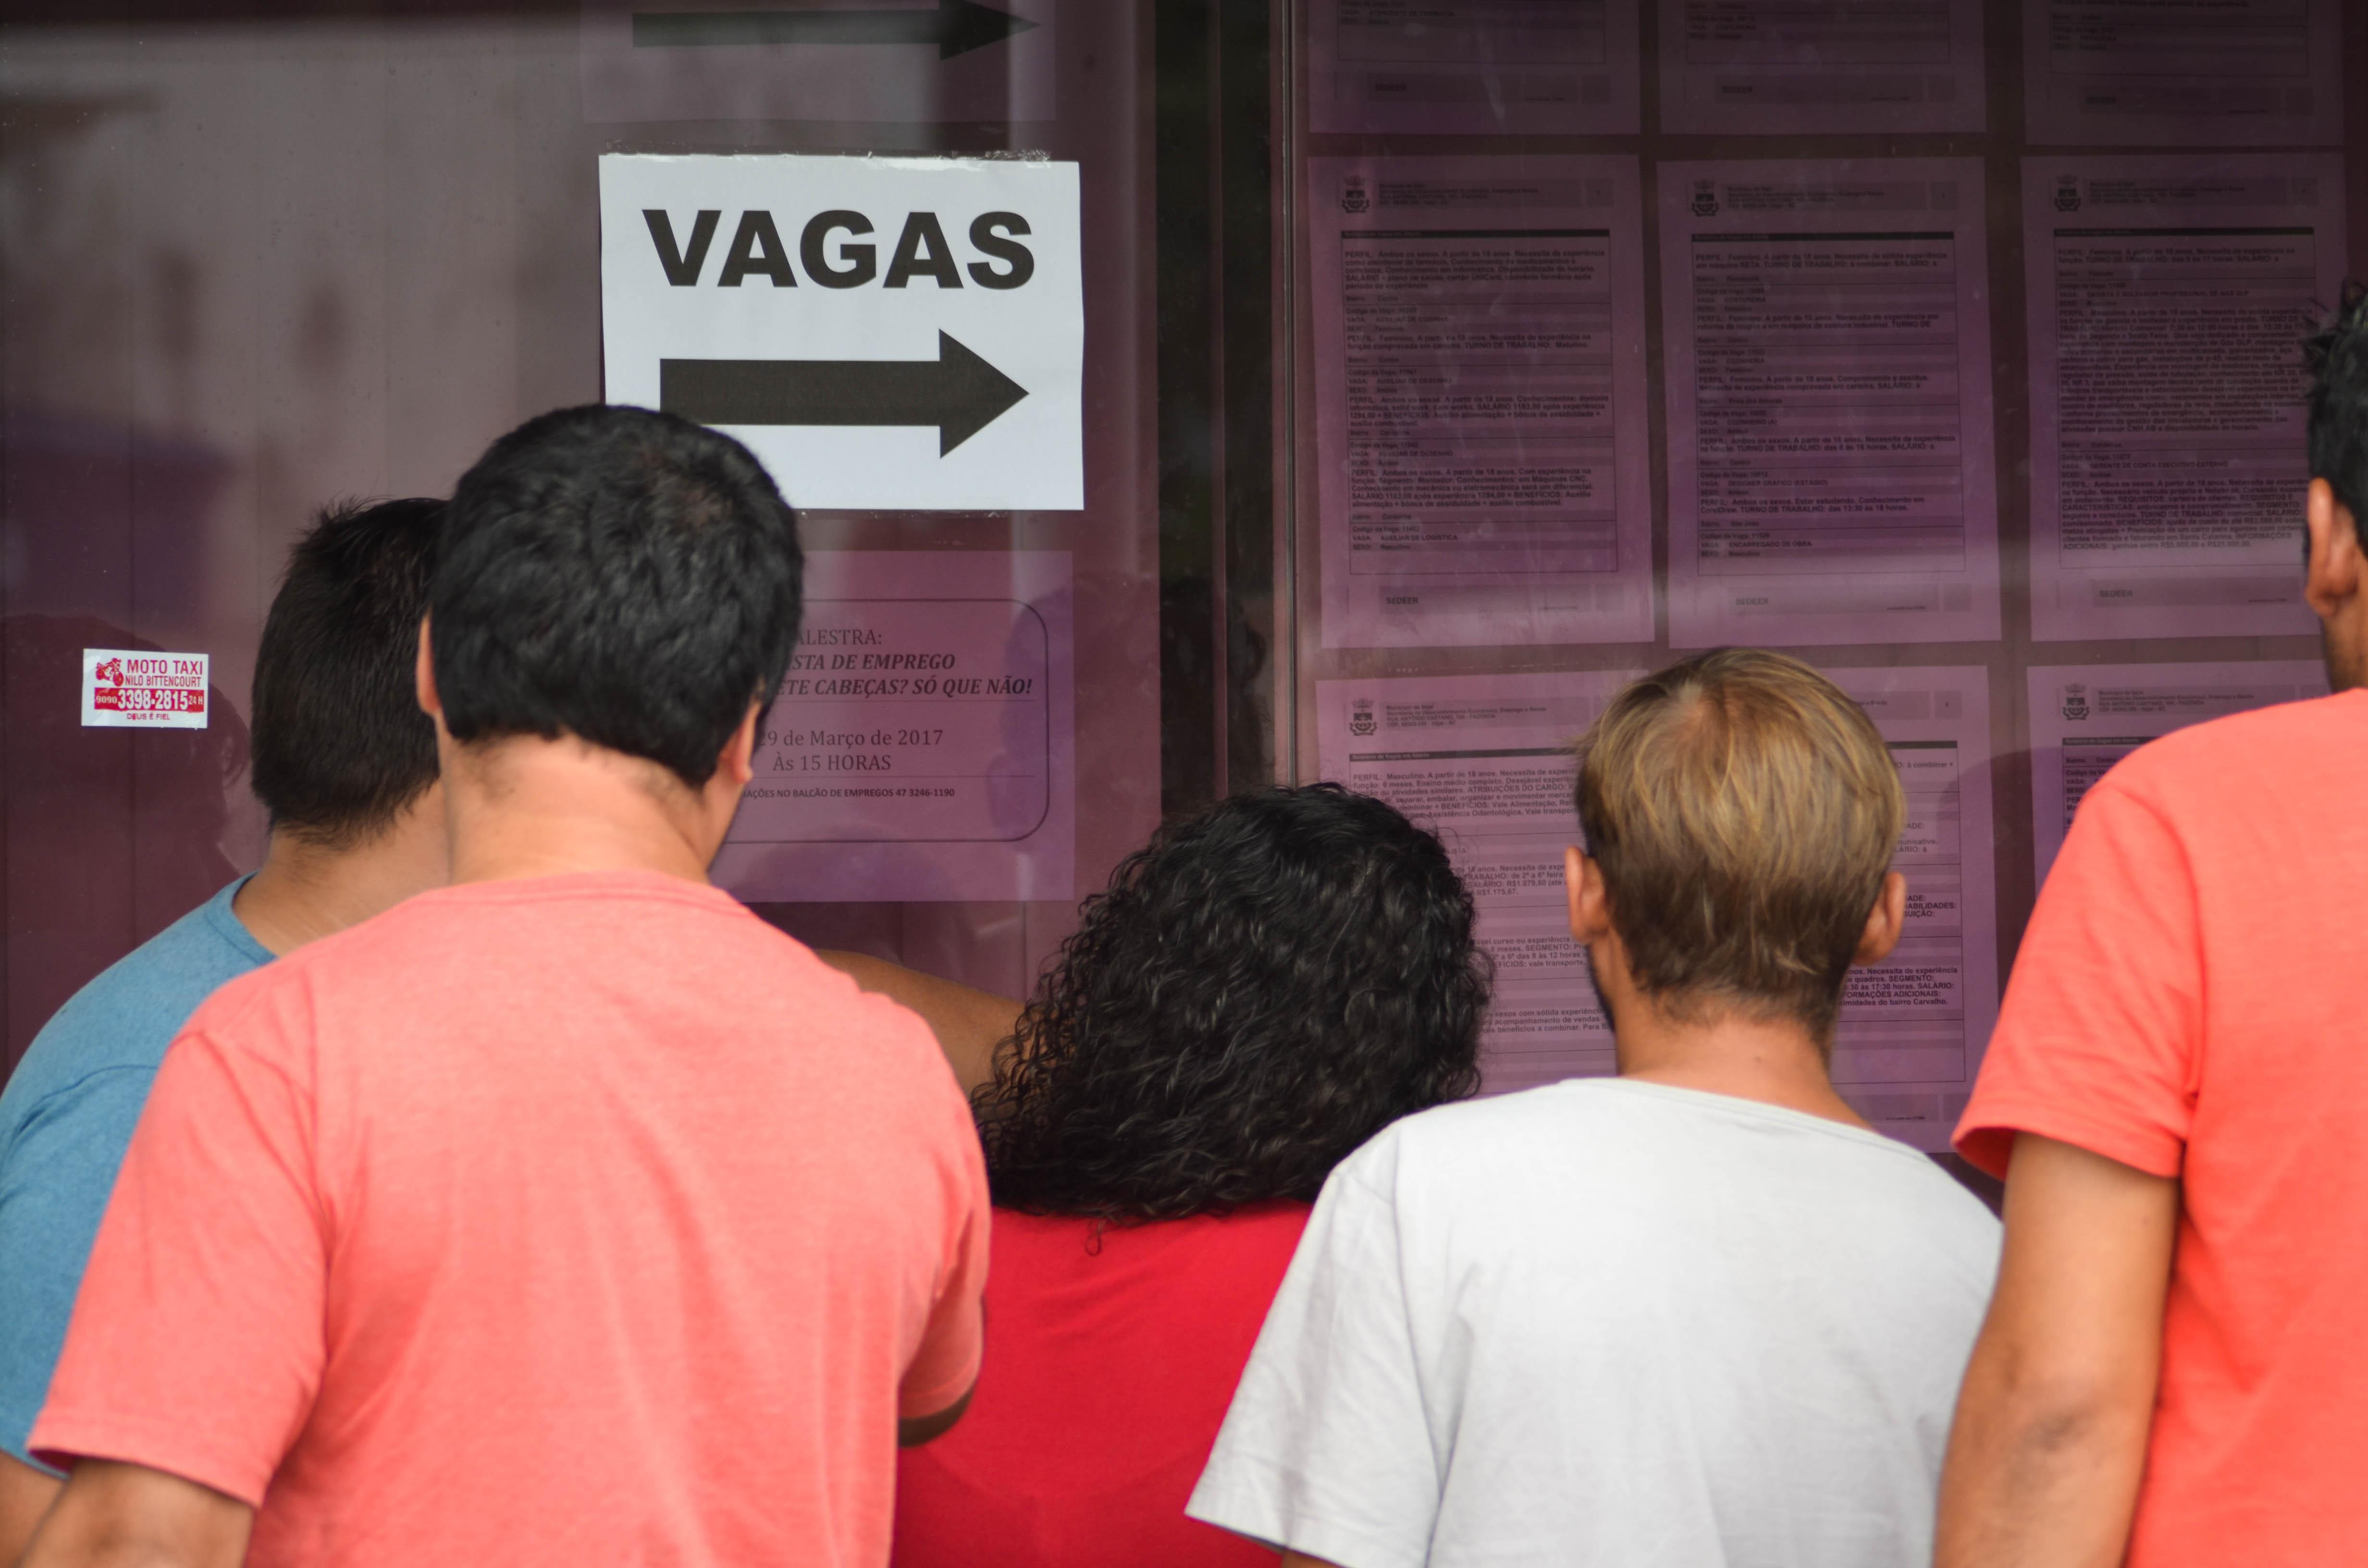 Balc O De Empregos De Itaja Oferece 158 Vagas Essa Semana